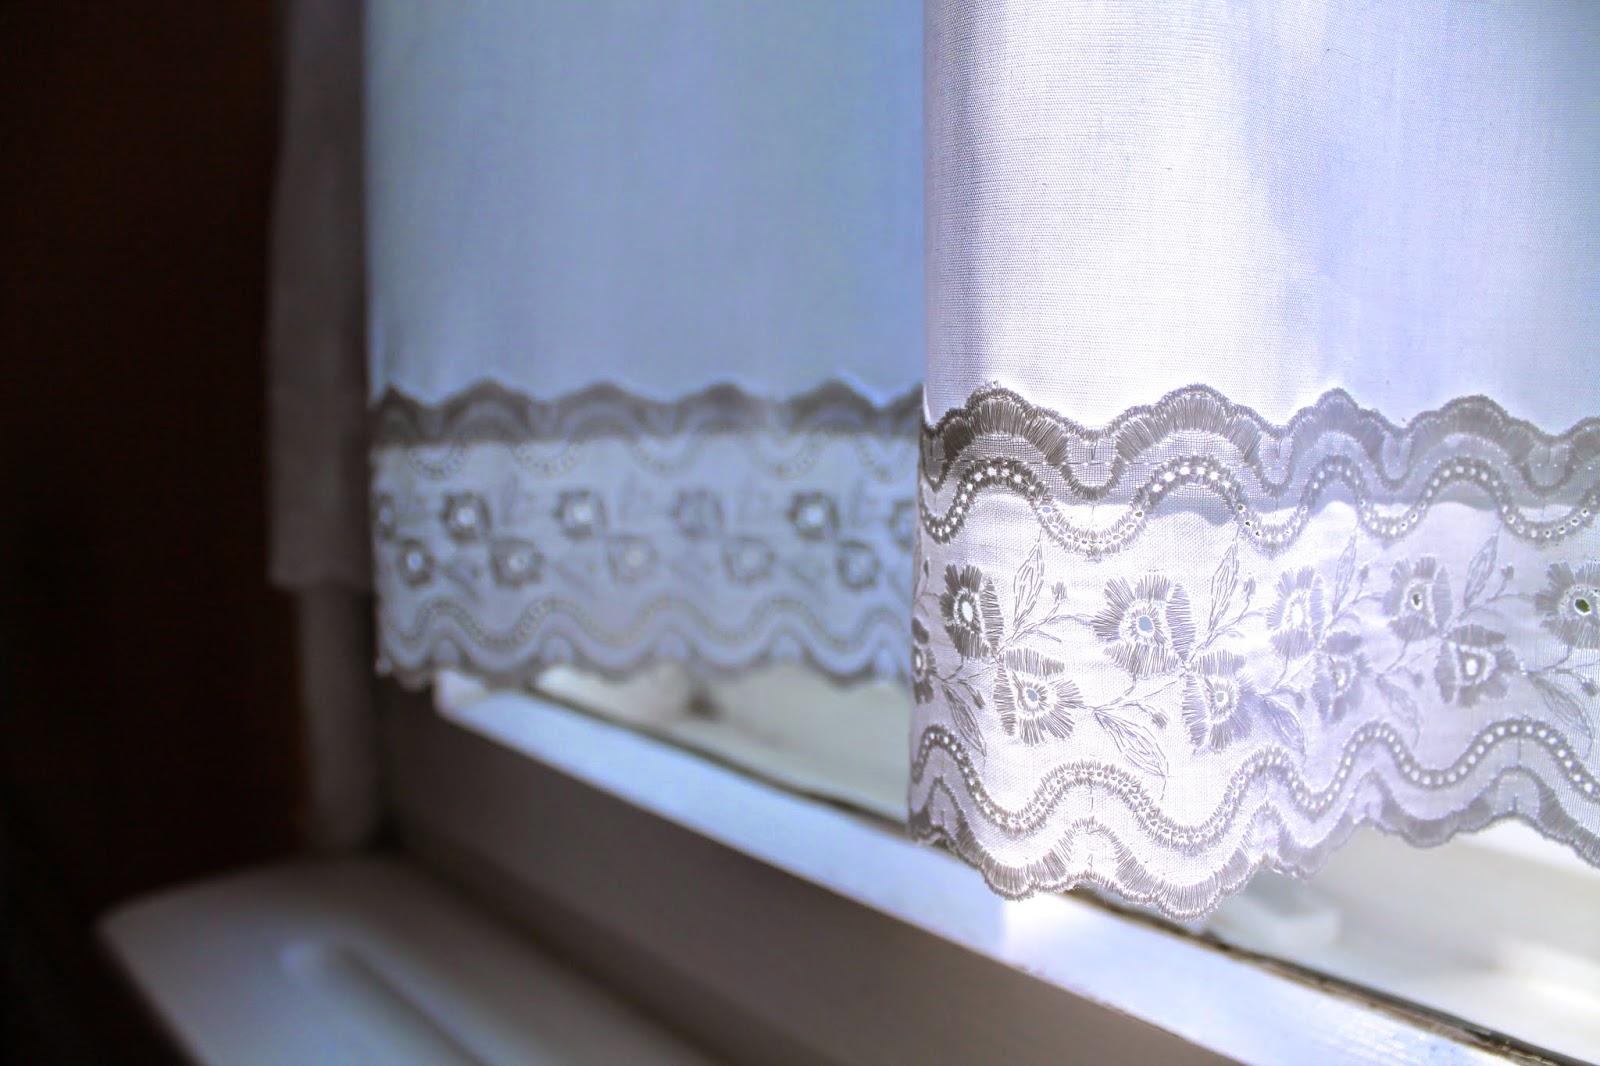 gardinen deko gardinen skandinavischer stil gardinen dekoration verbessern ihr zimmer shade. Black Bedroom Furniture Sets. Home Design Ideas